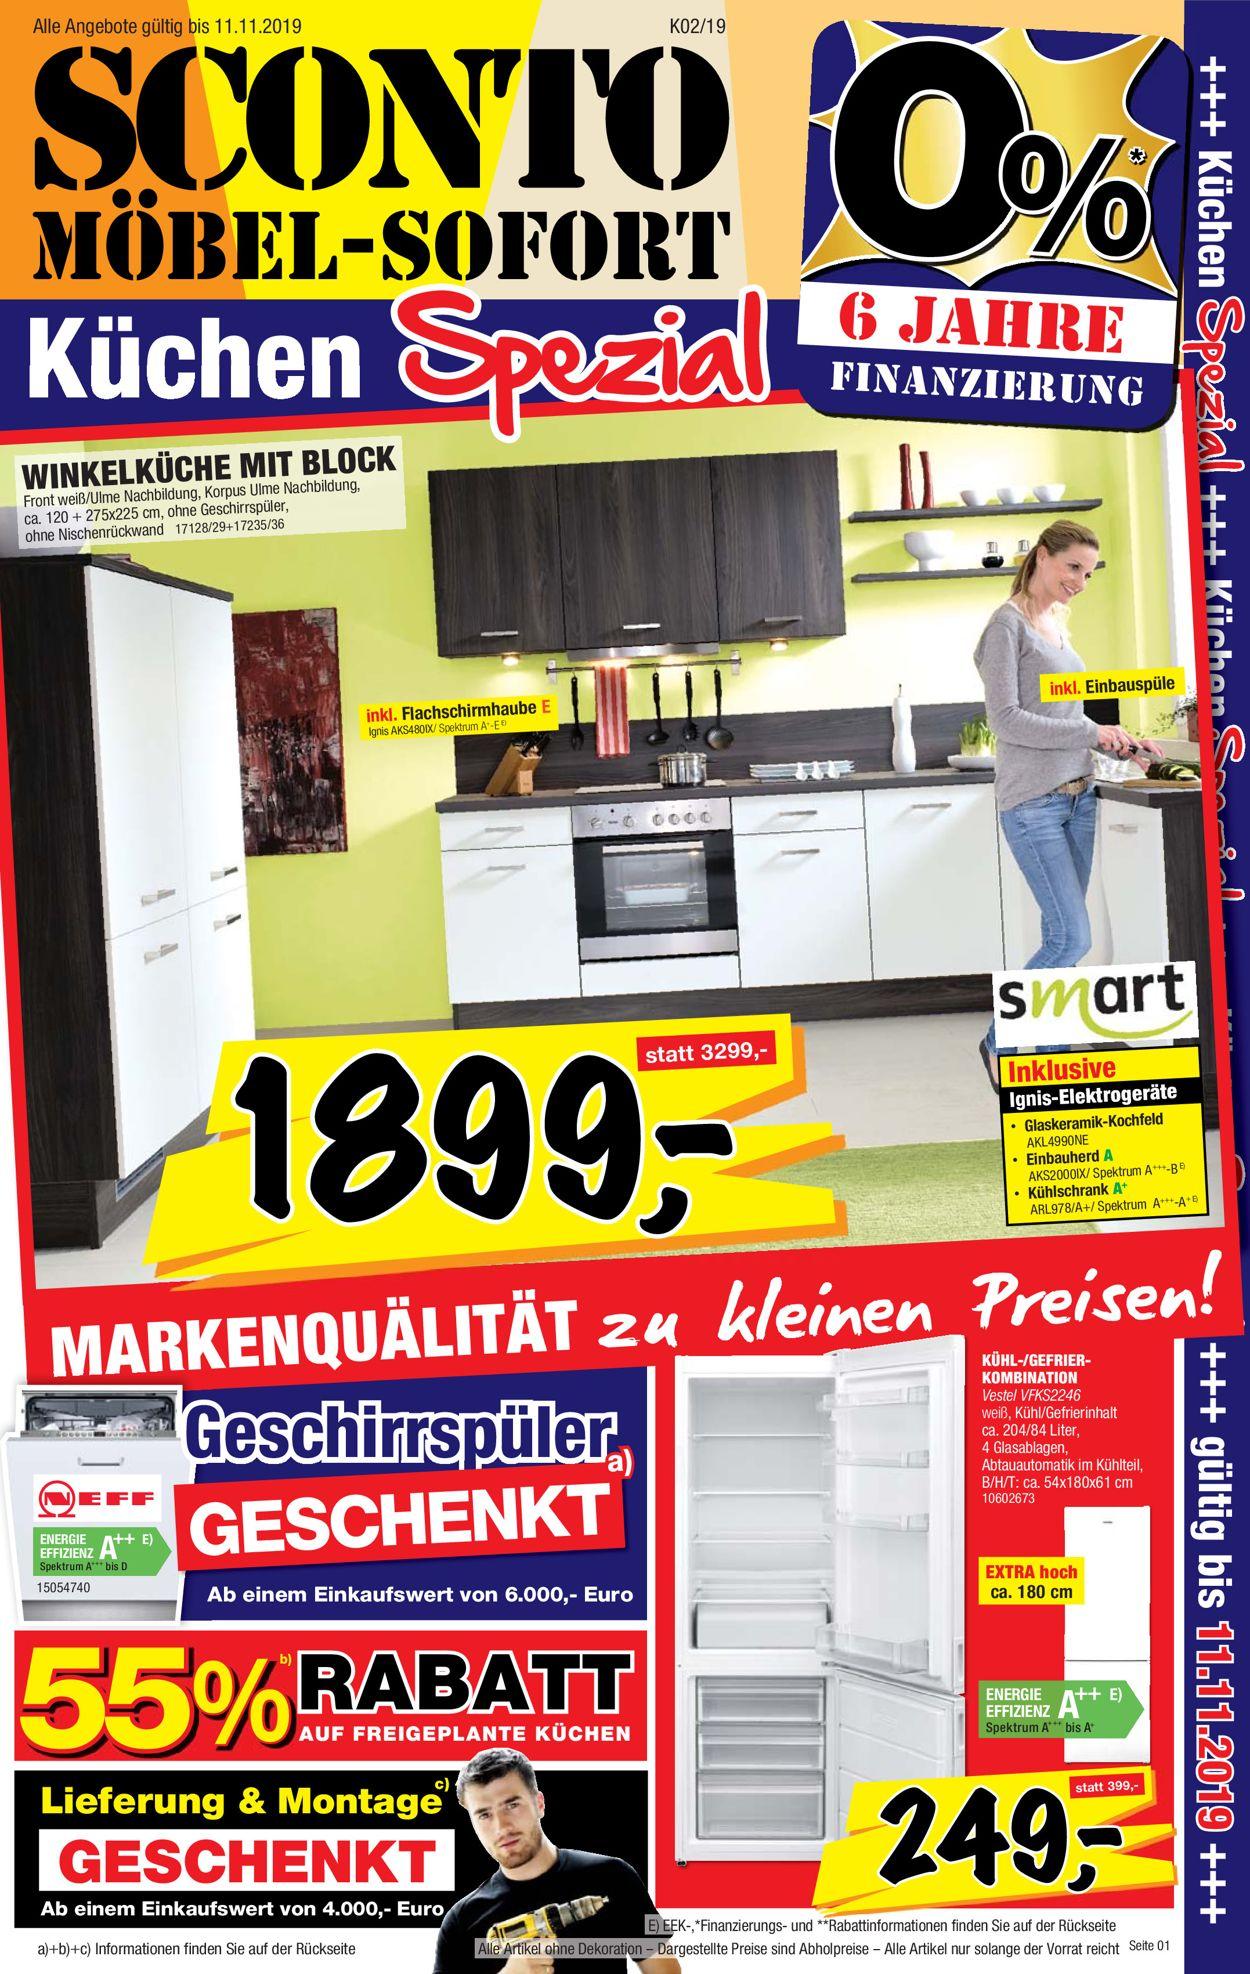 Full Size of Sconto Aktueller Prospekt 2210 11112019 Jedewoche Rabattede Küchen Regal Wohnzimmer Sconto Küchen